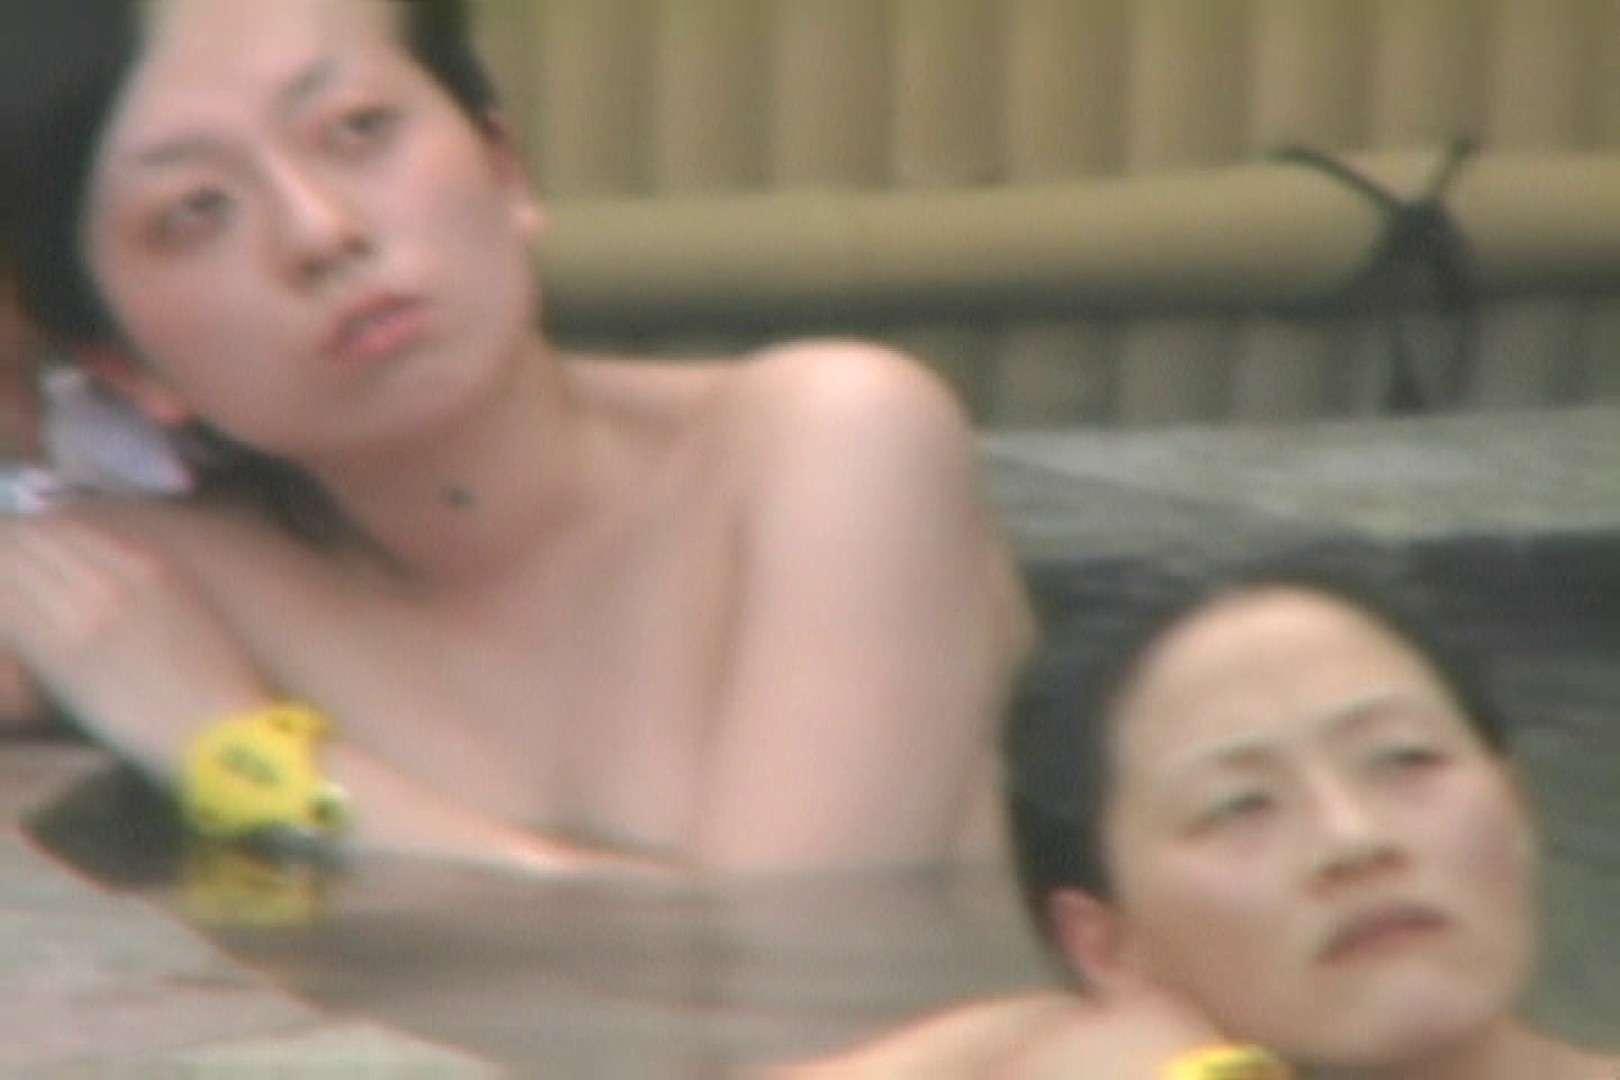 Aquaな露天風呂Vol.562 露天 | OLエロ画像  38PICs 7